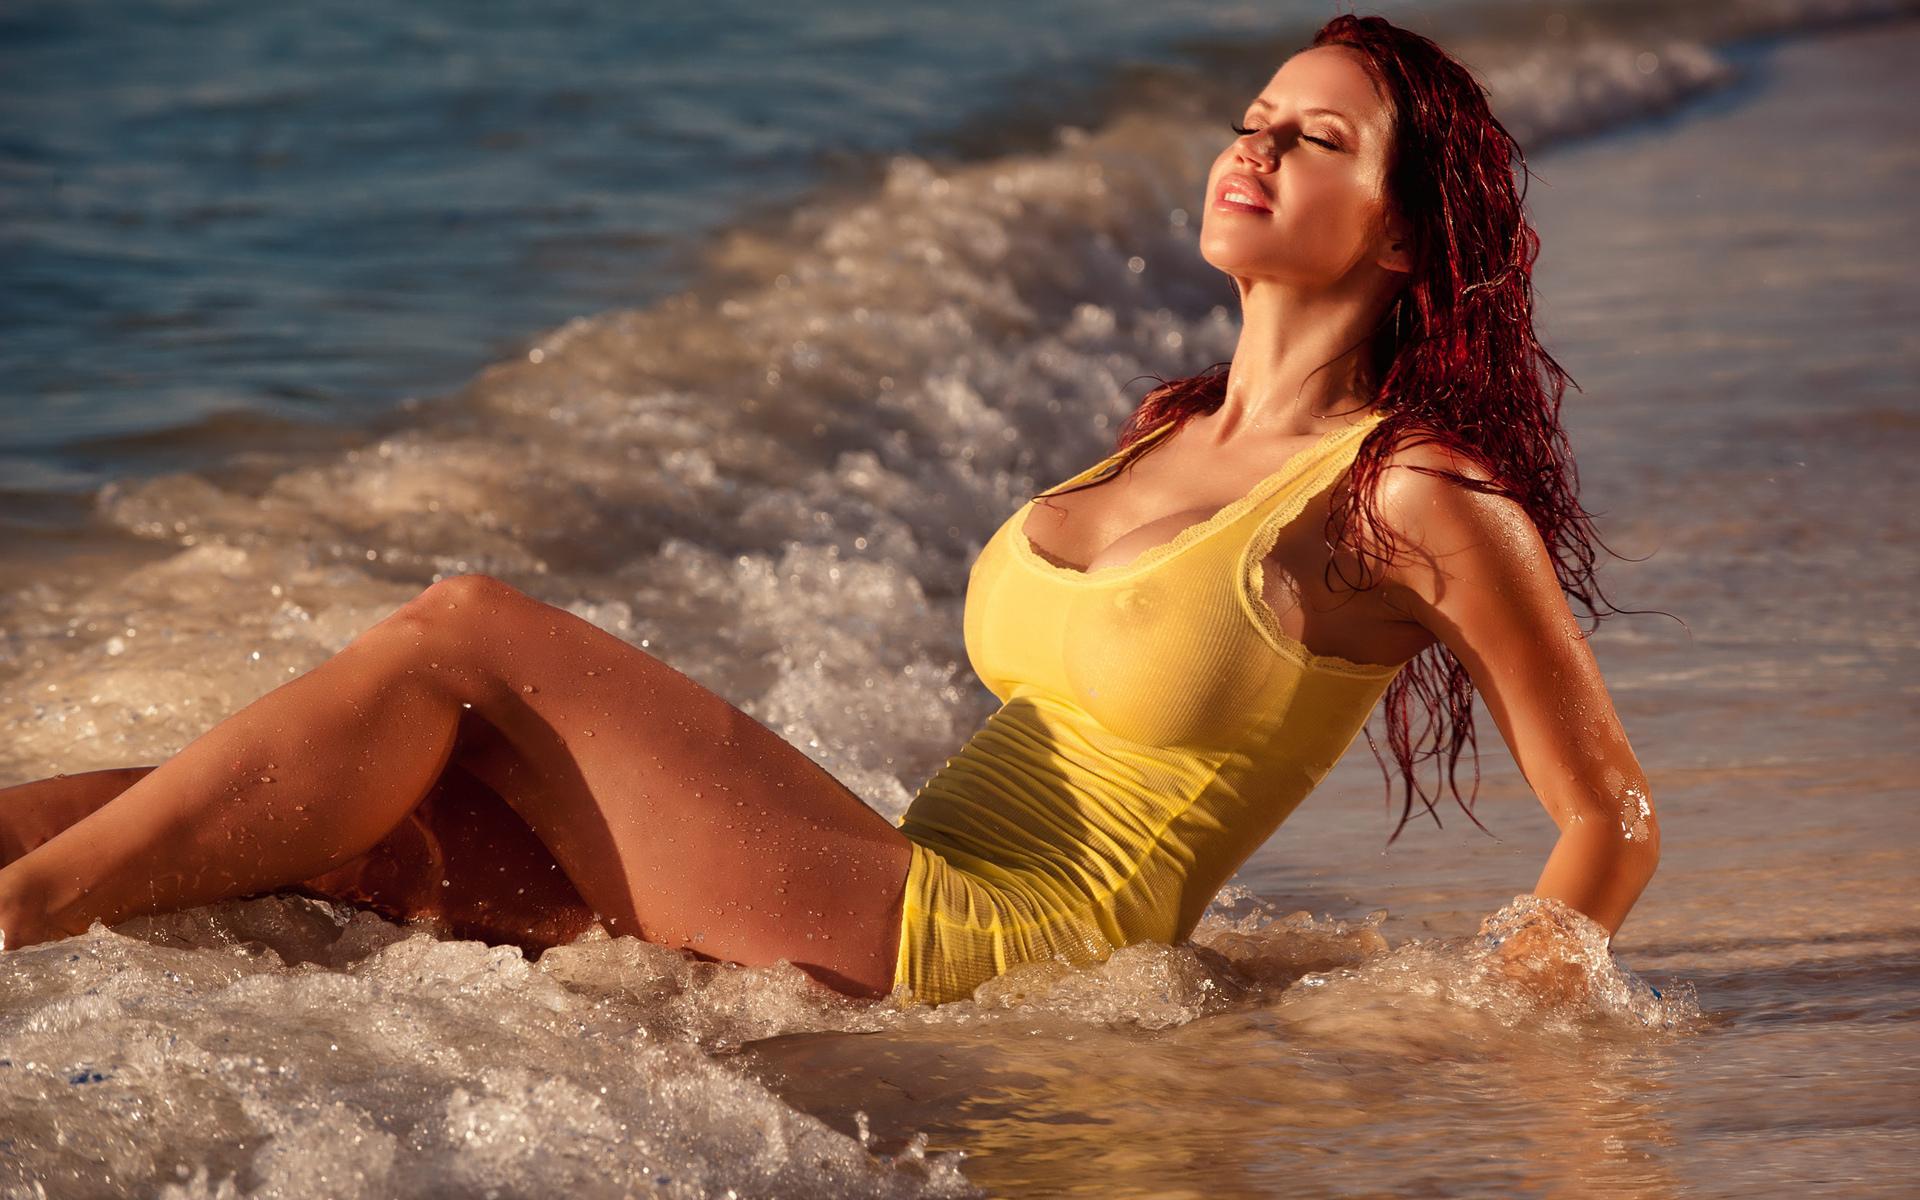 Фото женщин мокрых 19 фотография